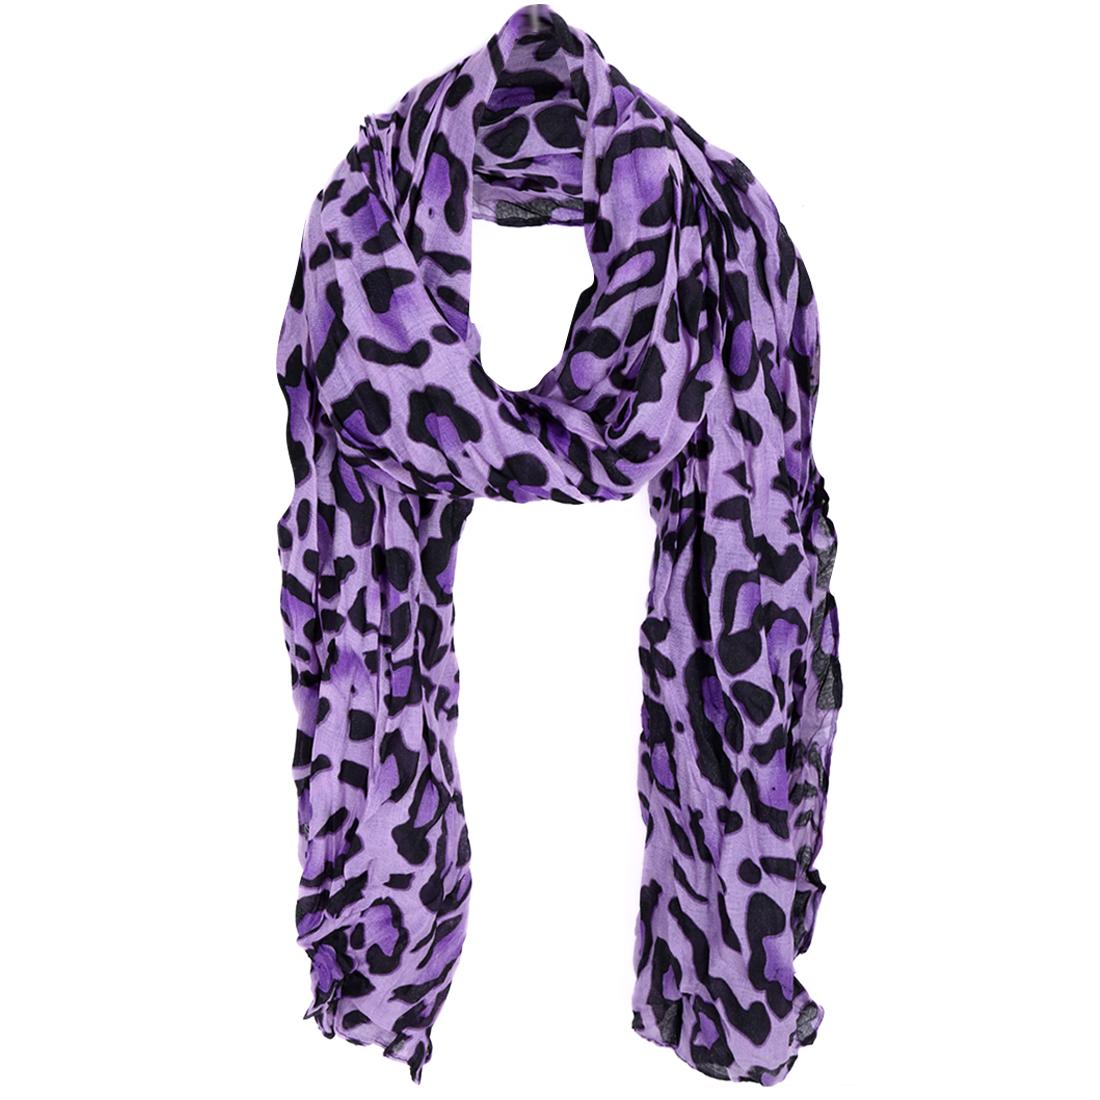 Women Leopard Prints Semi Sheer Scarf Purple Black